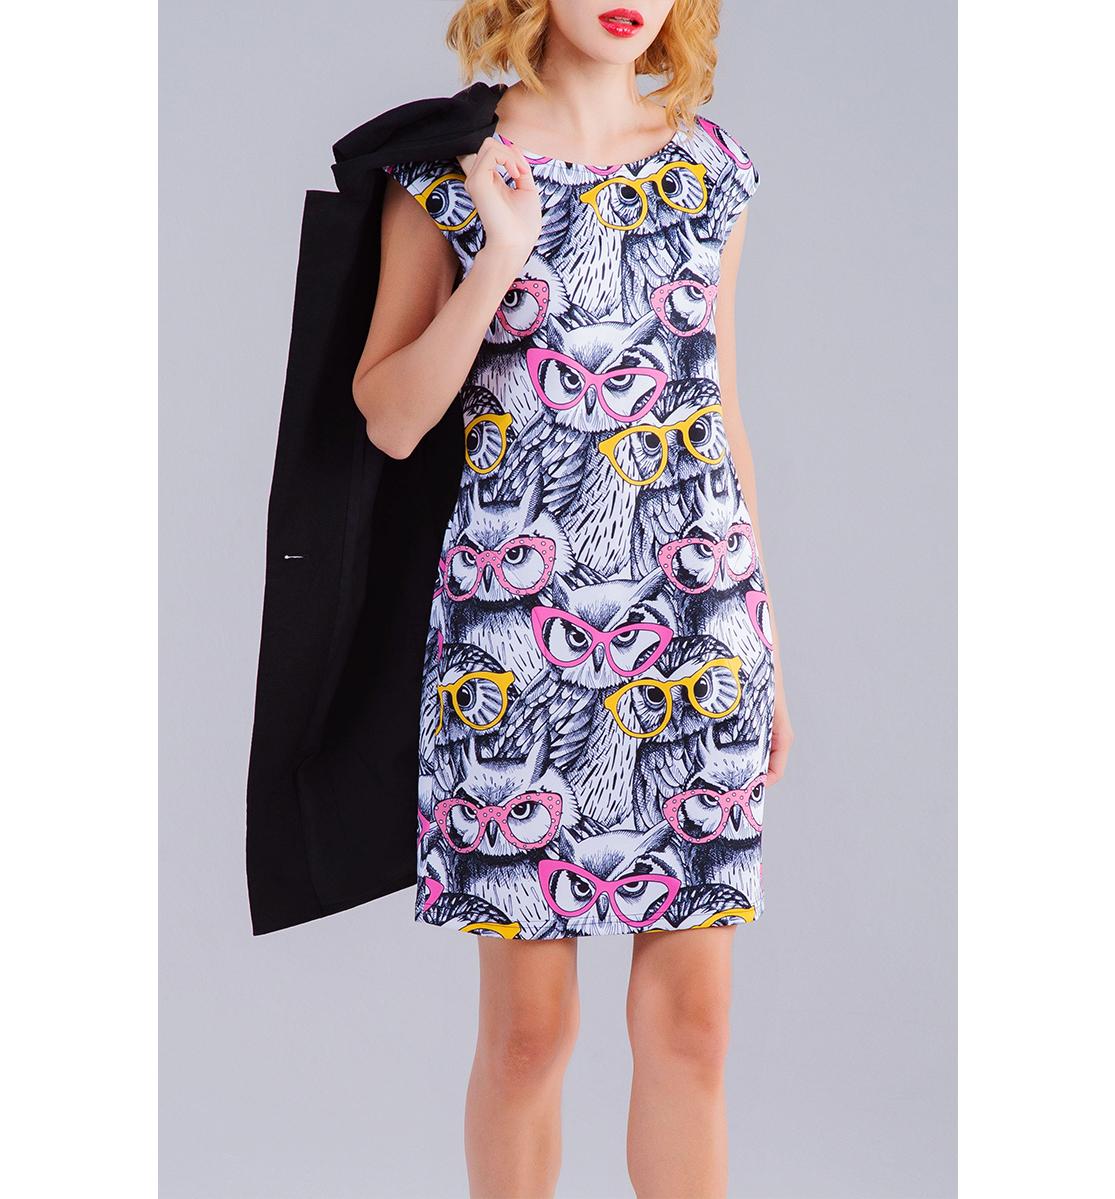 Купить Совы, Printbar, Платье без рукавов, STY-963299-pbr-1